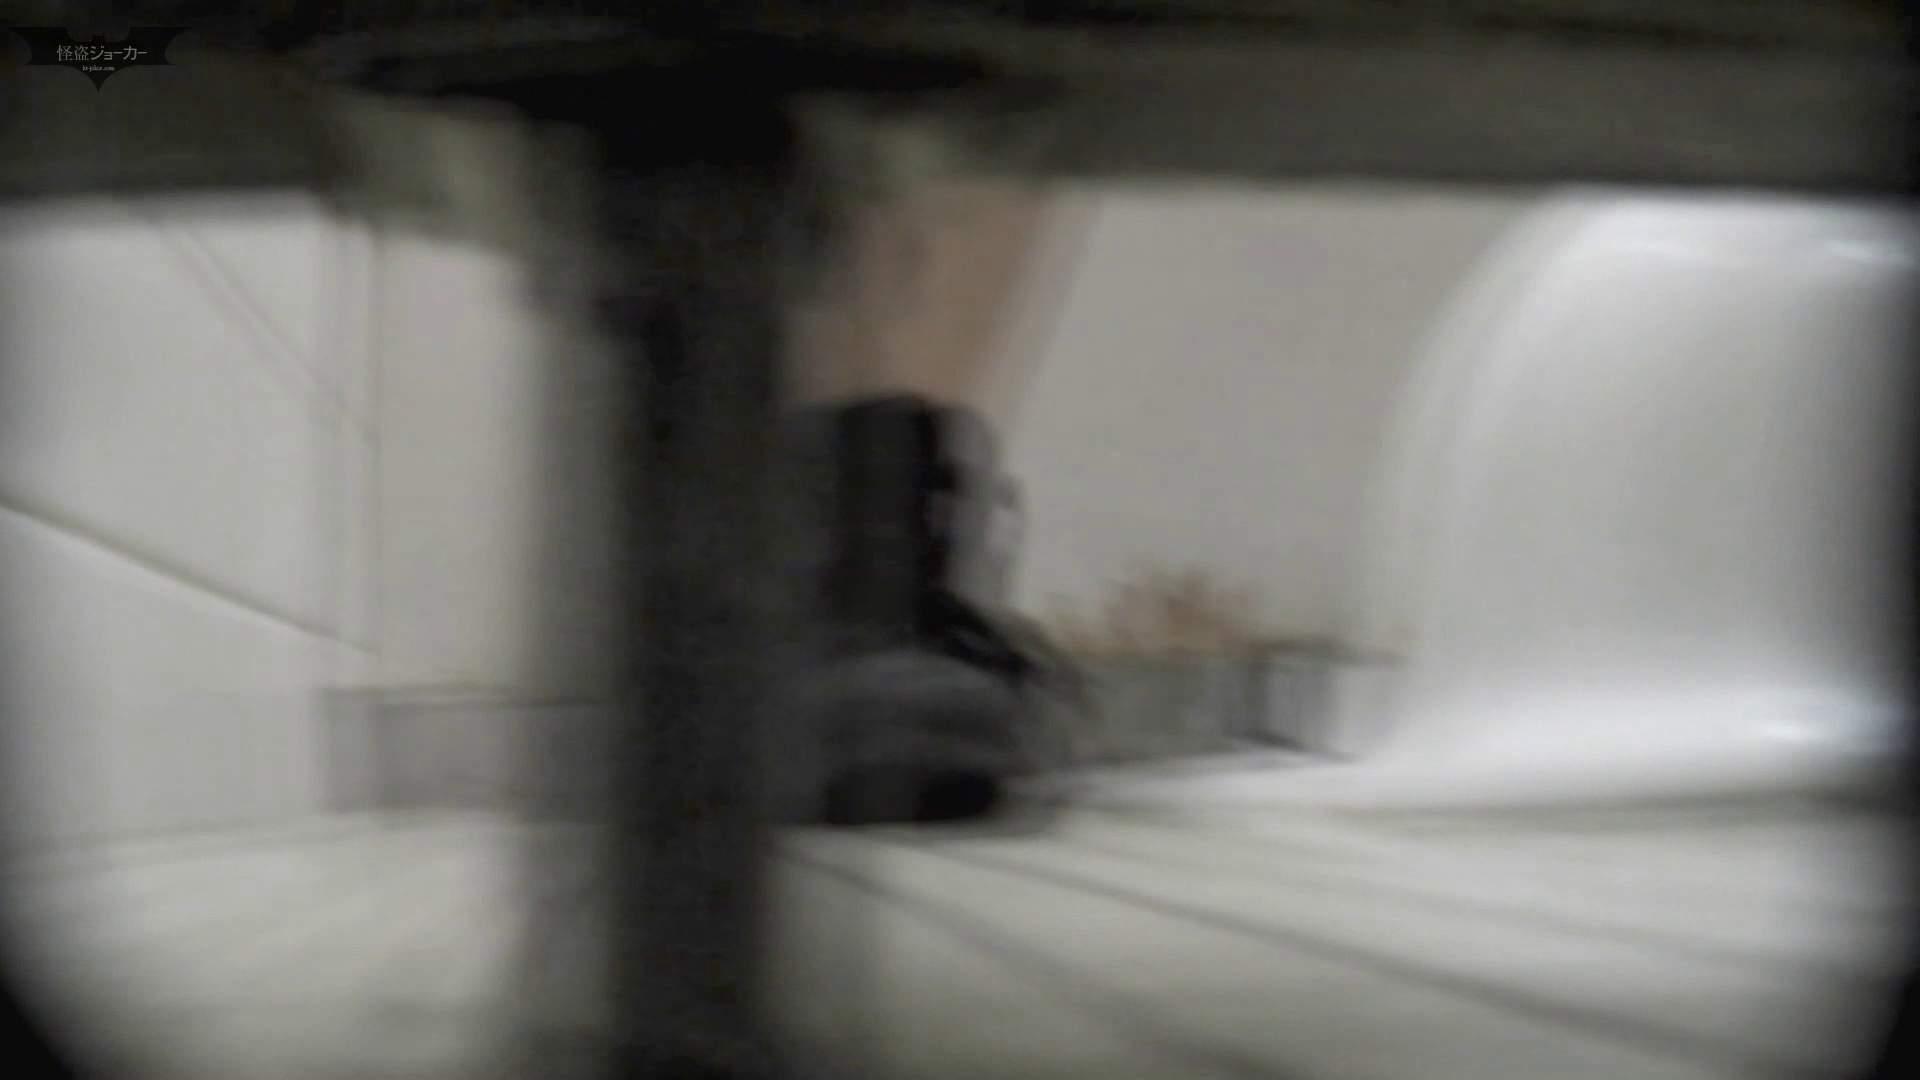 洗面所特攻隊 vol.58驚異のしまり、【2015・25位】 洗面所  39pic 26